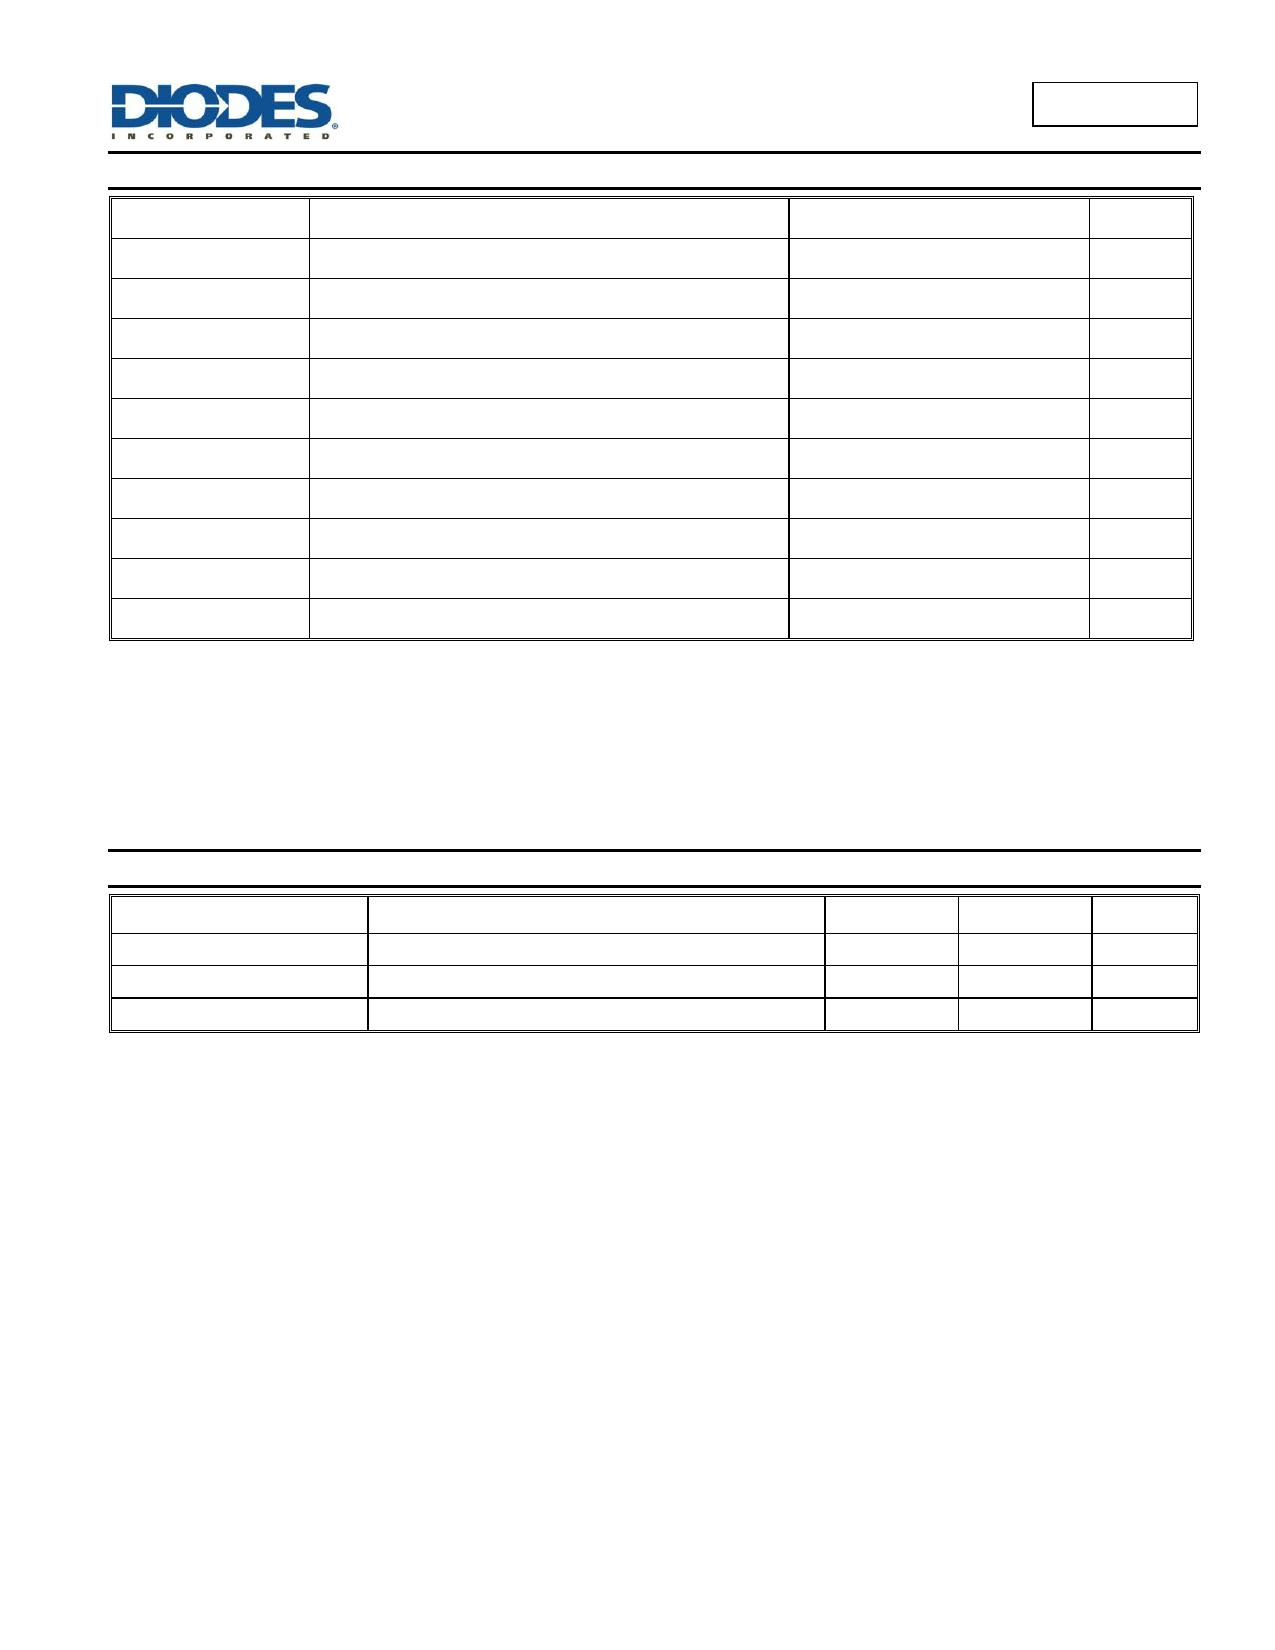 AP3407 pdf, 電子部品, 半導体, ピン配列